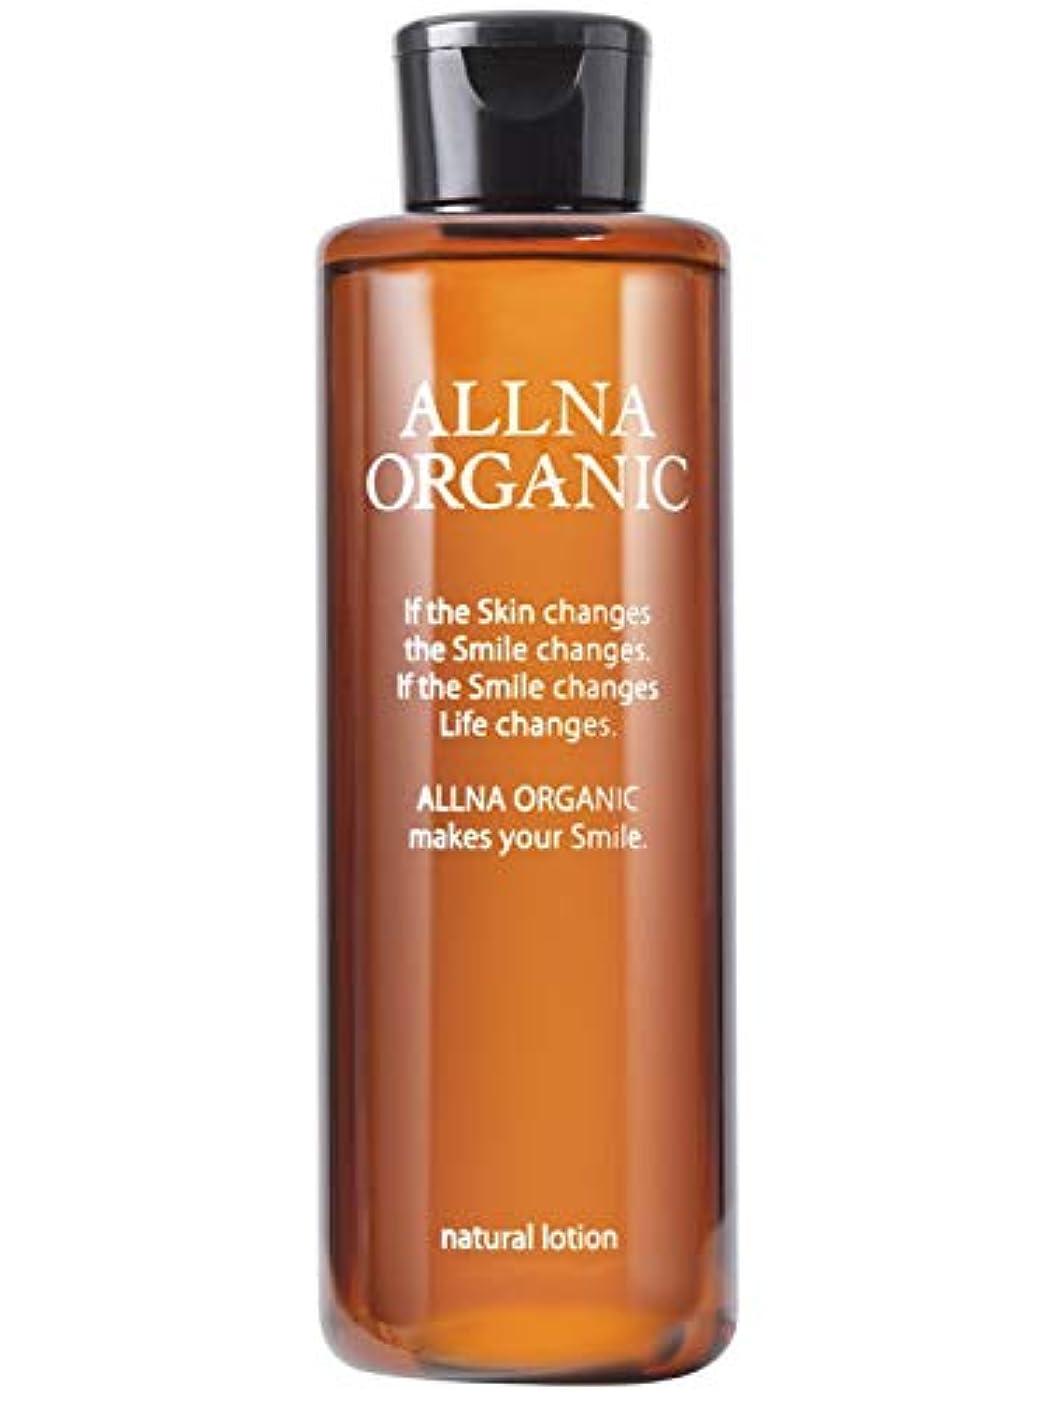 ロケーション回路全部オルナ オーガニック 化粧水 「 保湿 乾燥 かさつき 用」「 コラーゲン ビタミンC誘導体 ヒアルロン酸 セラミド 配合」200ml